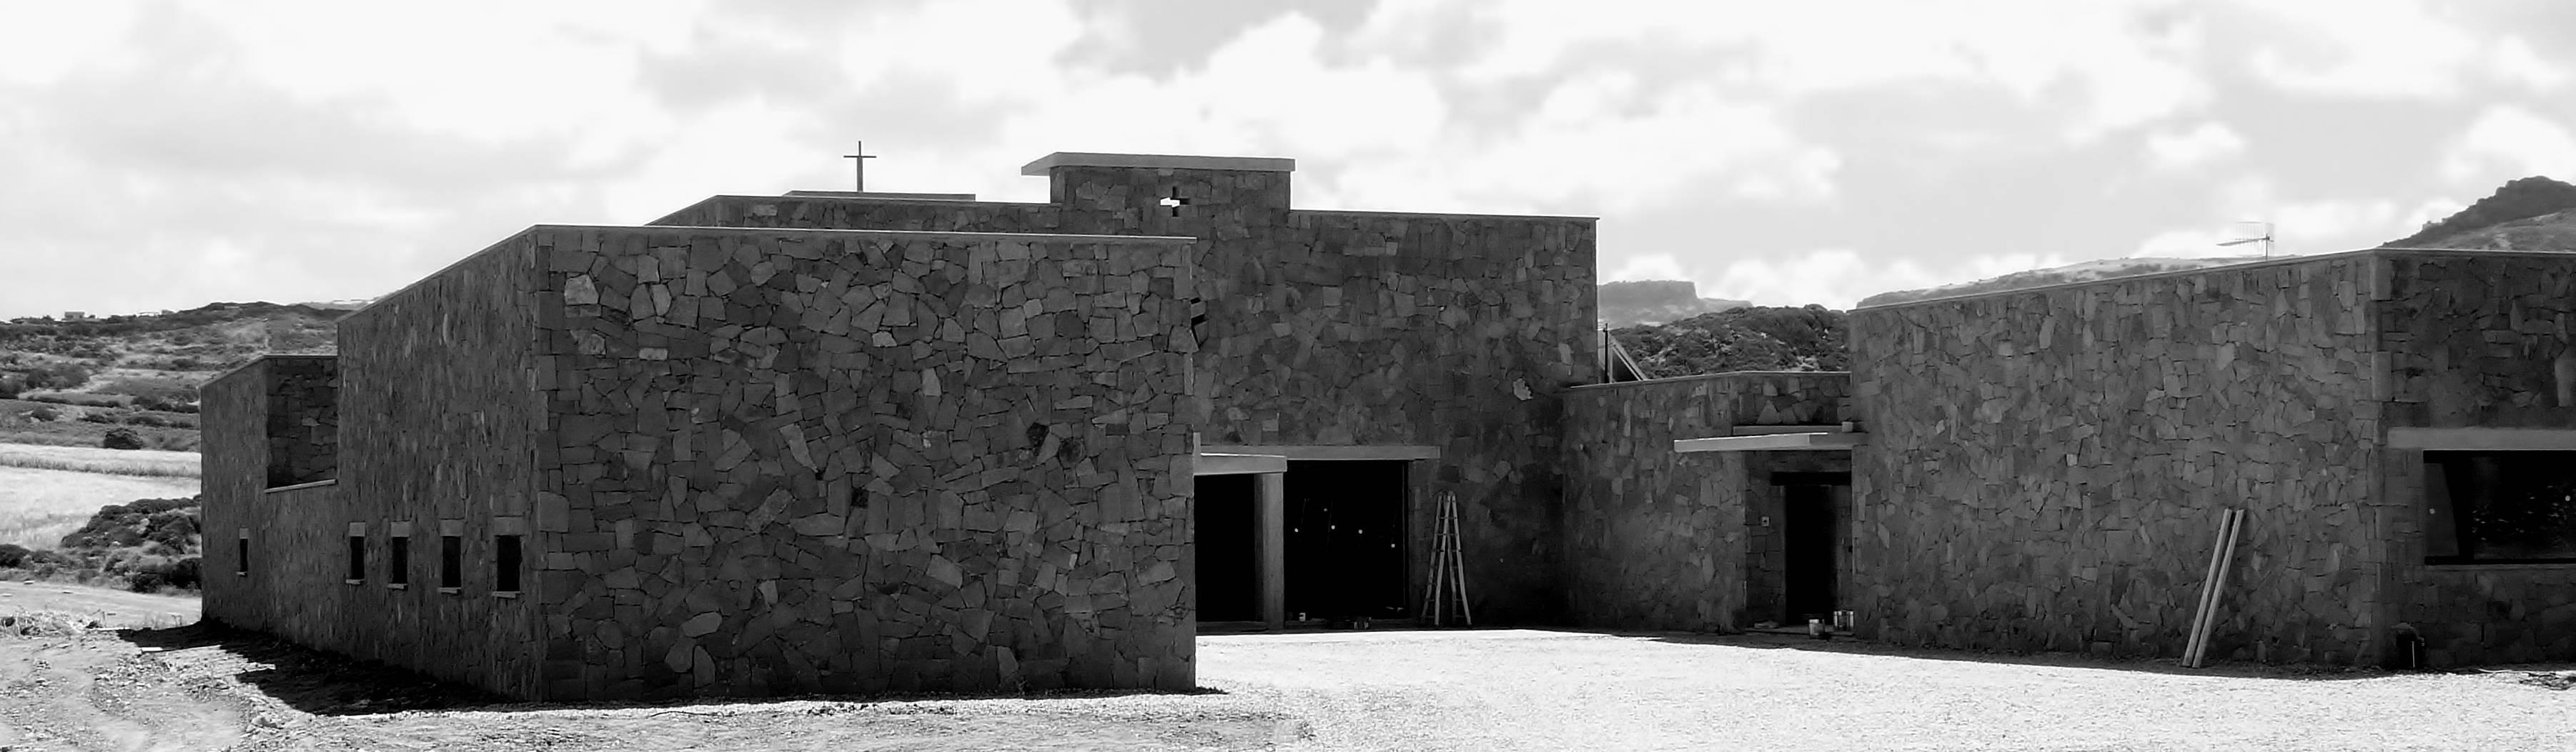 Studio di architettura a. muzzetto